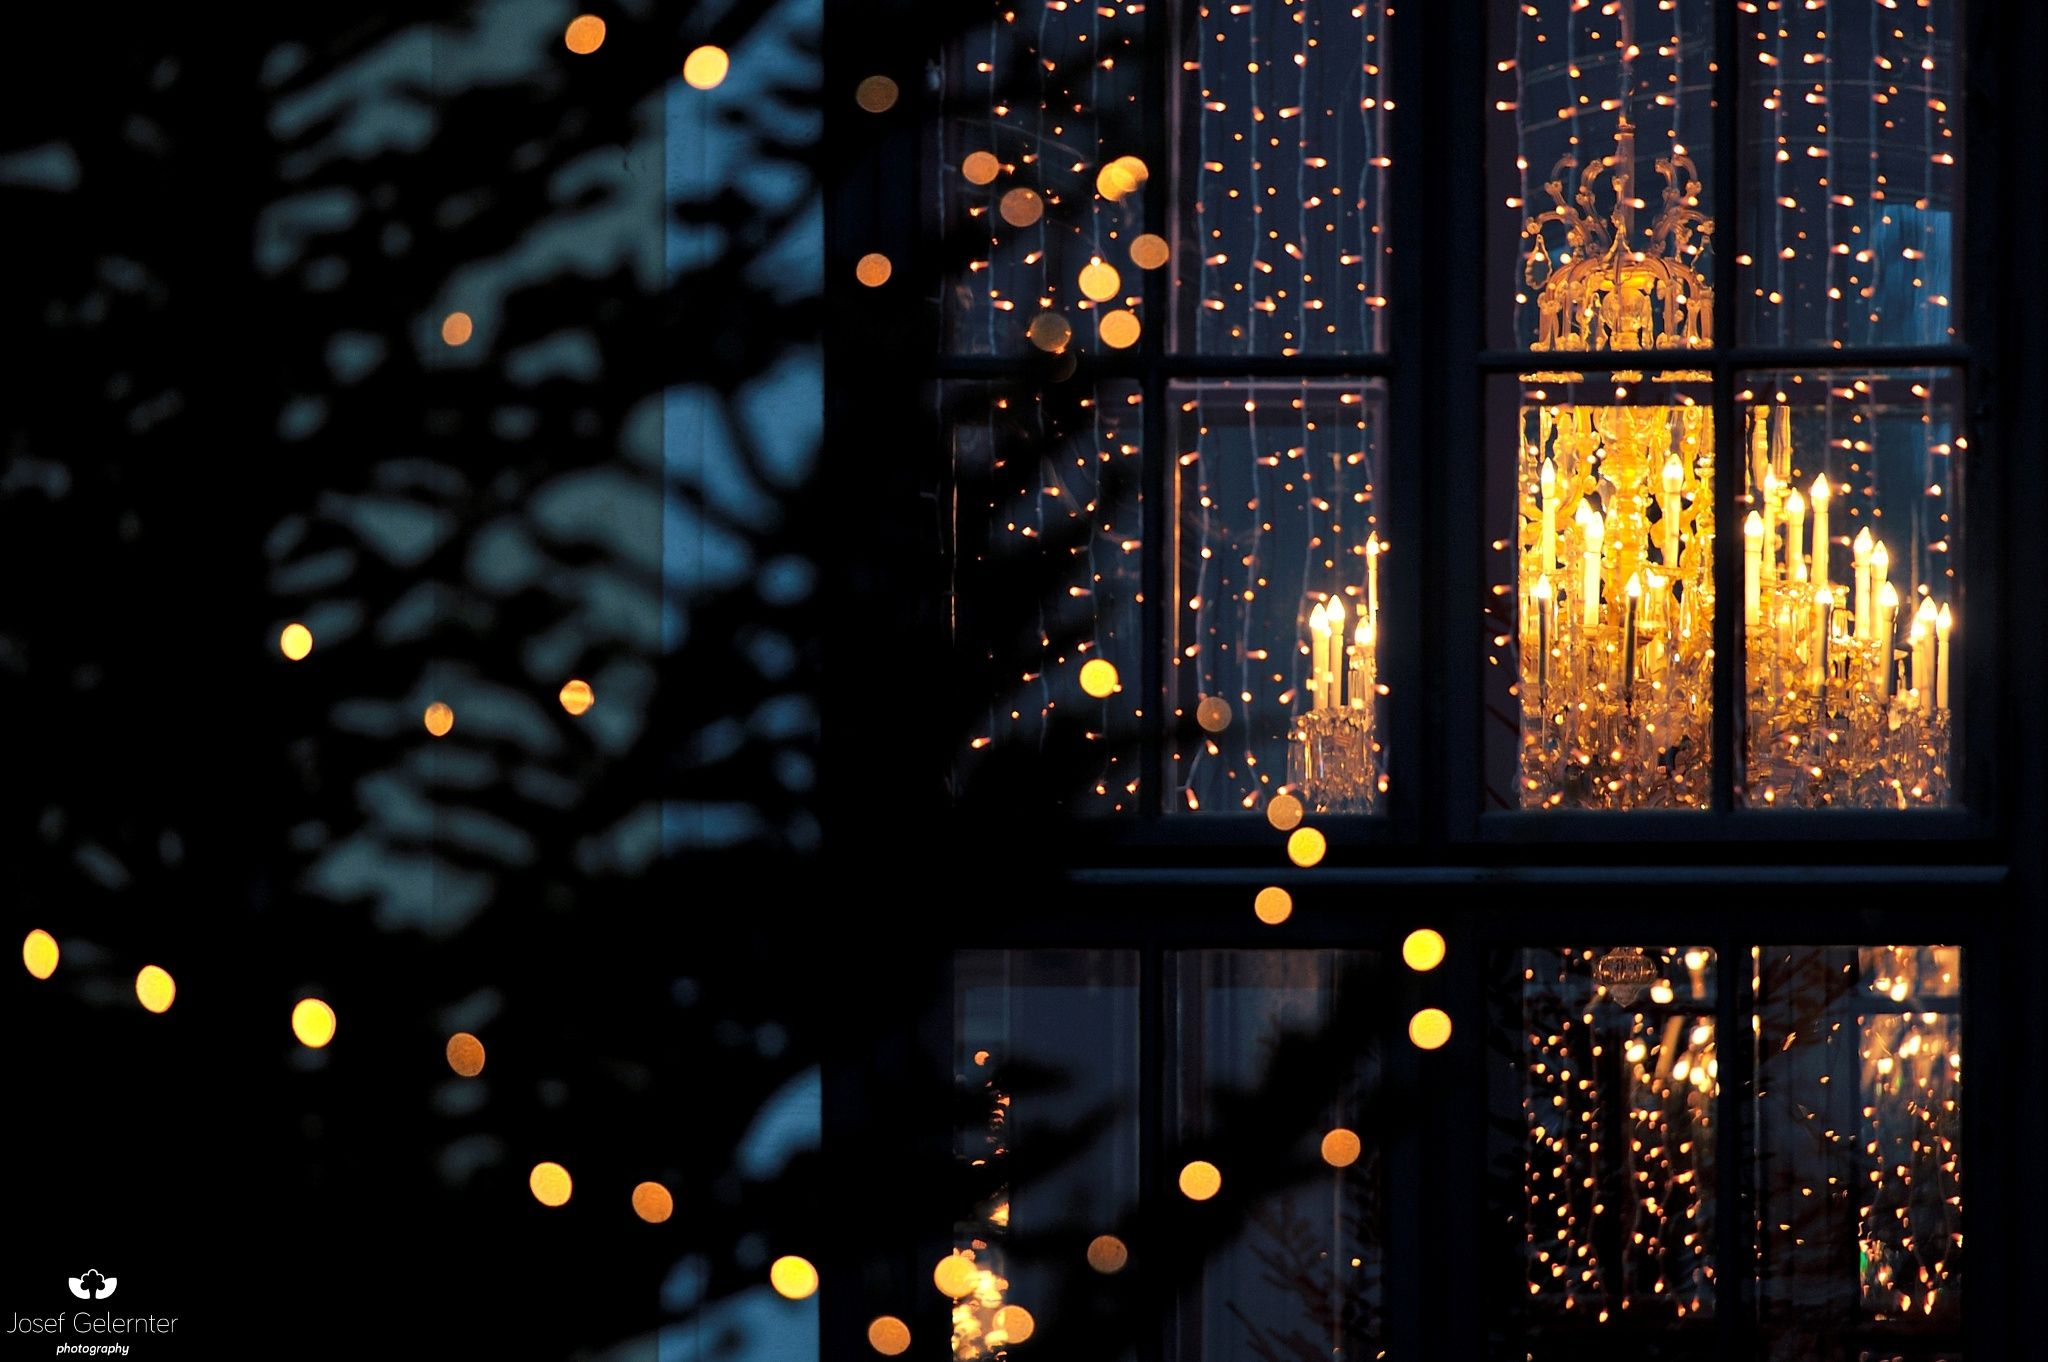 зимняя ночь за окном фото дуршлаг дать очень